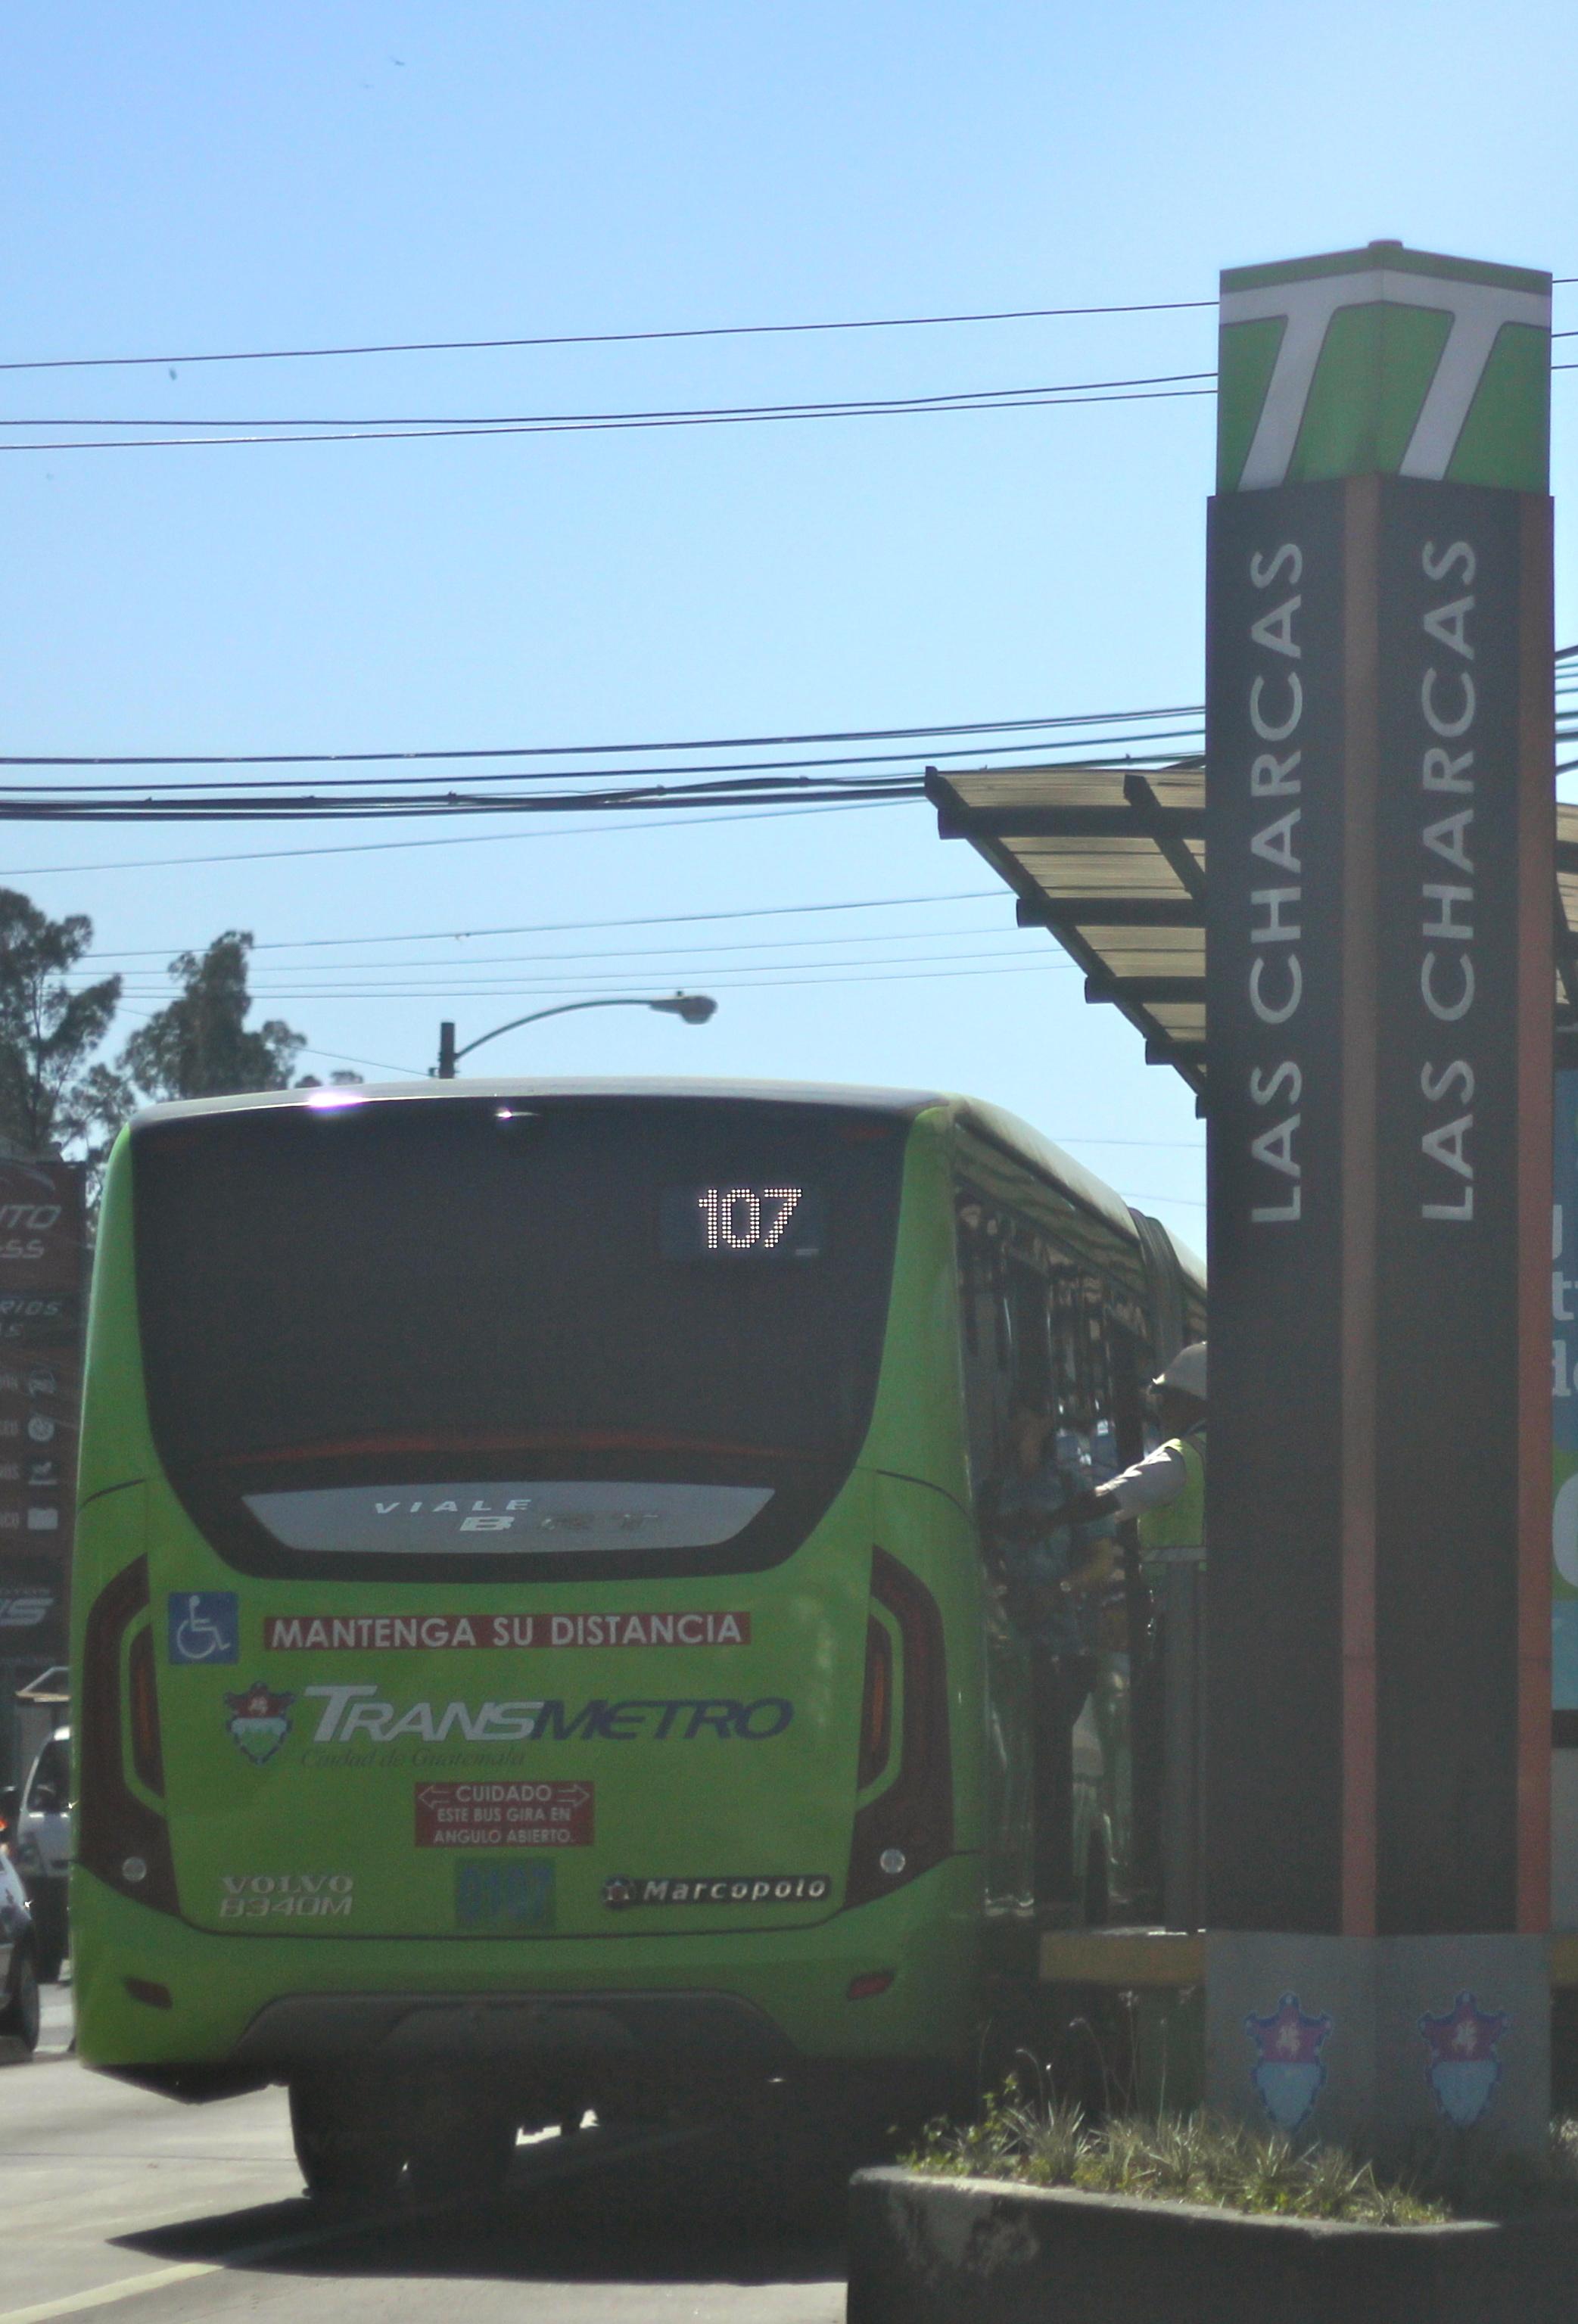 Unidad articulada del sistema Transmetro llegando a la parada Las Charcas.